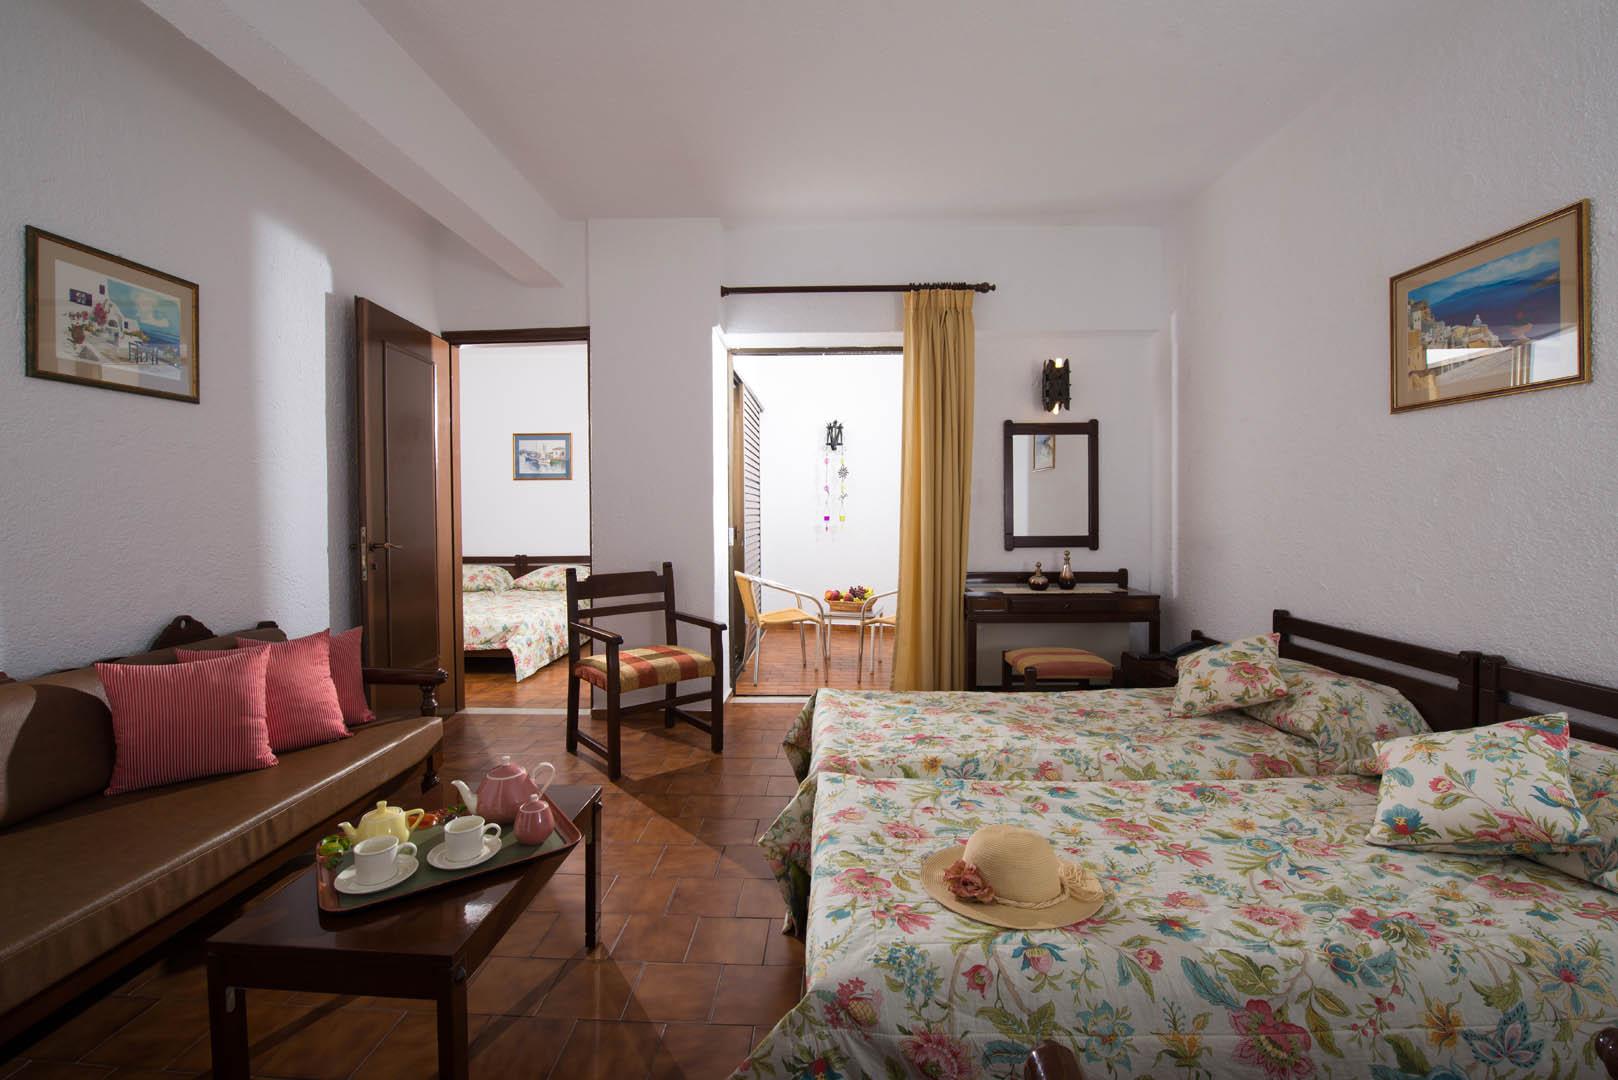 malia-holidays-rooms-11